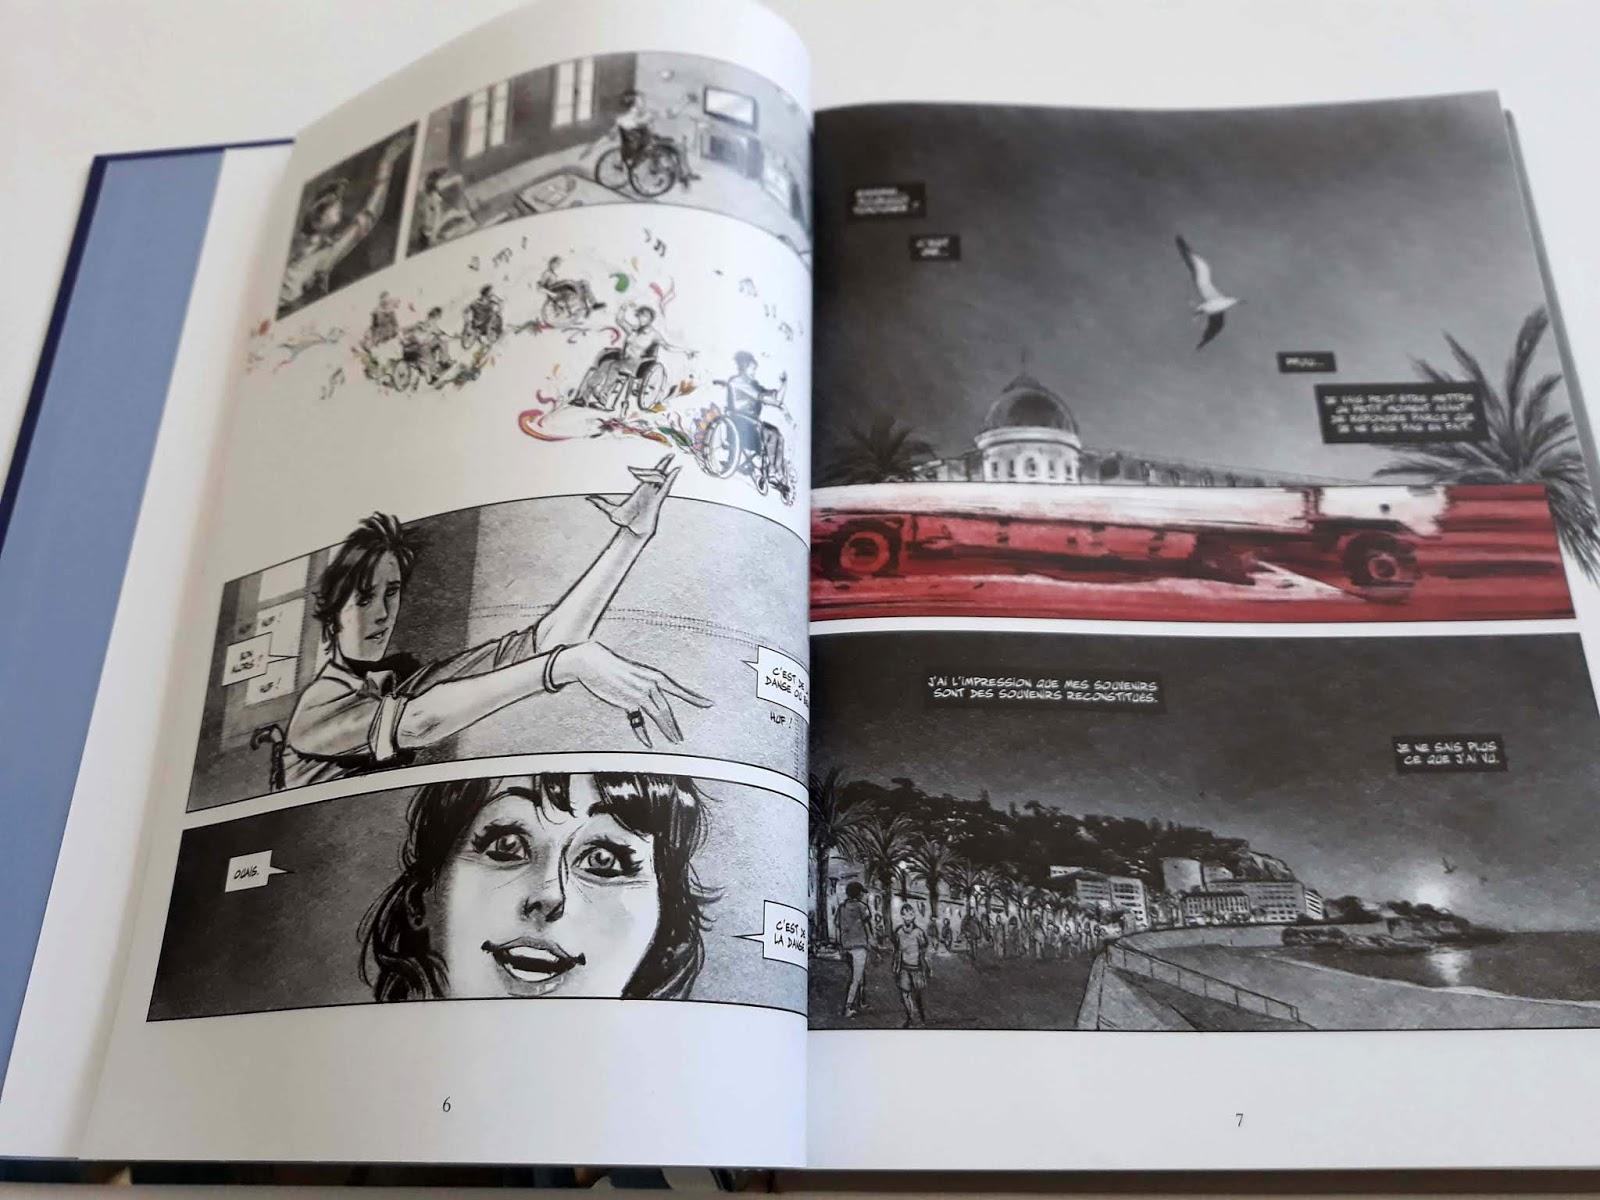 Promenade de la Mémoire - 14 Juillet, ouvrage collectif - Voir les 10 photos (sur le blog)